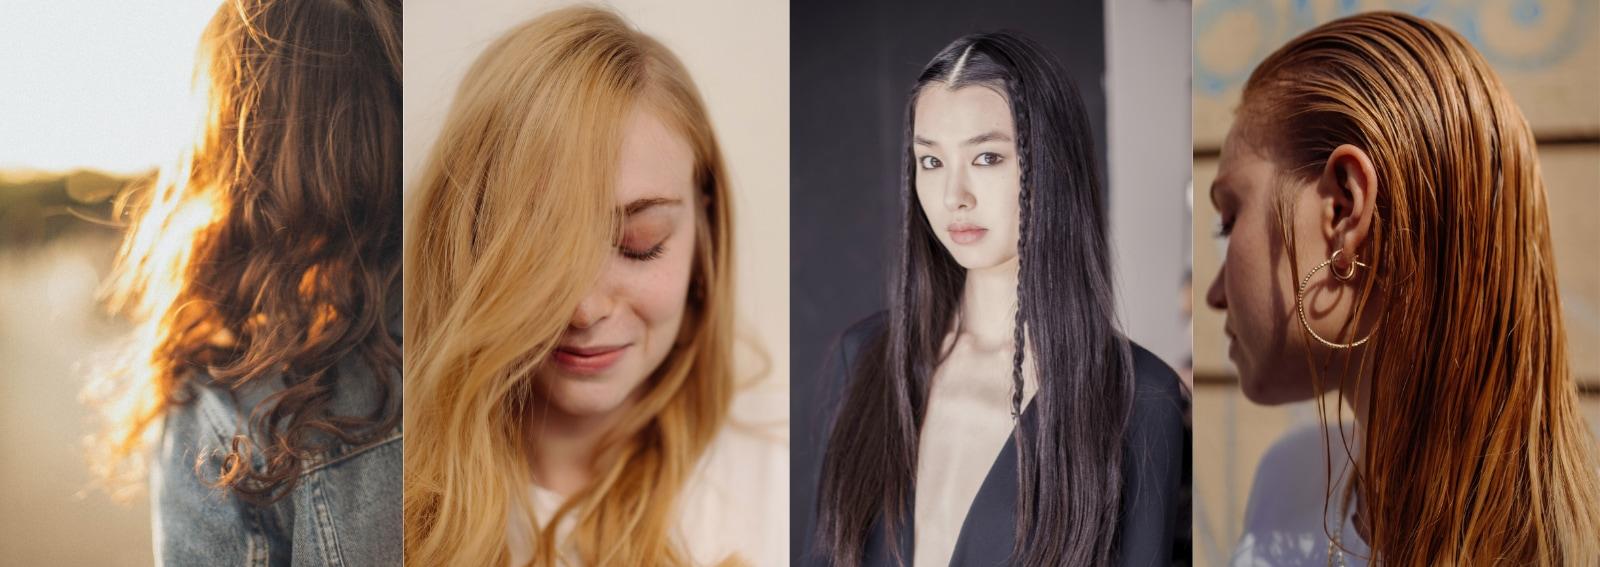 cover capelli caduta (1)